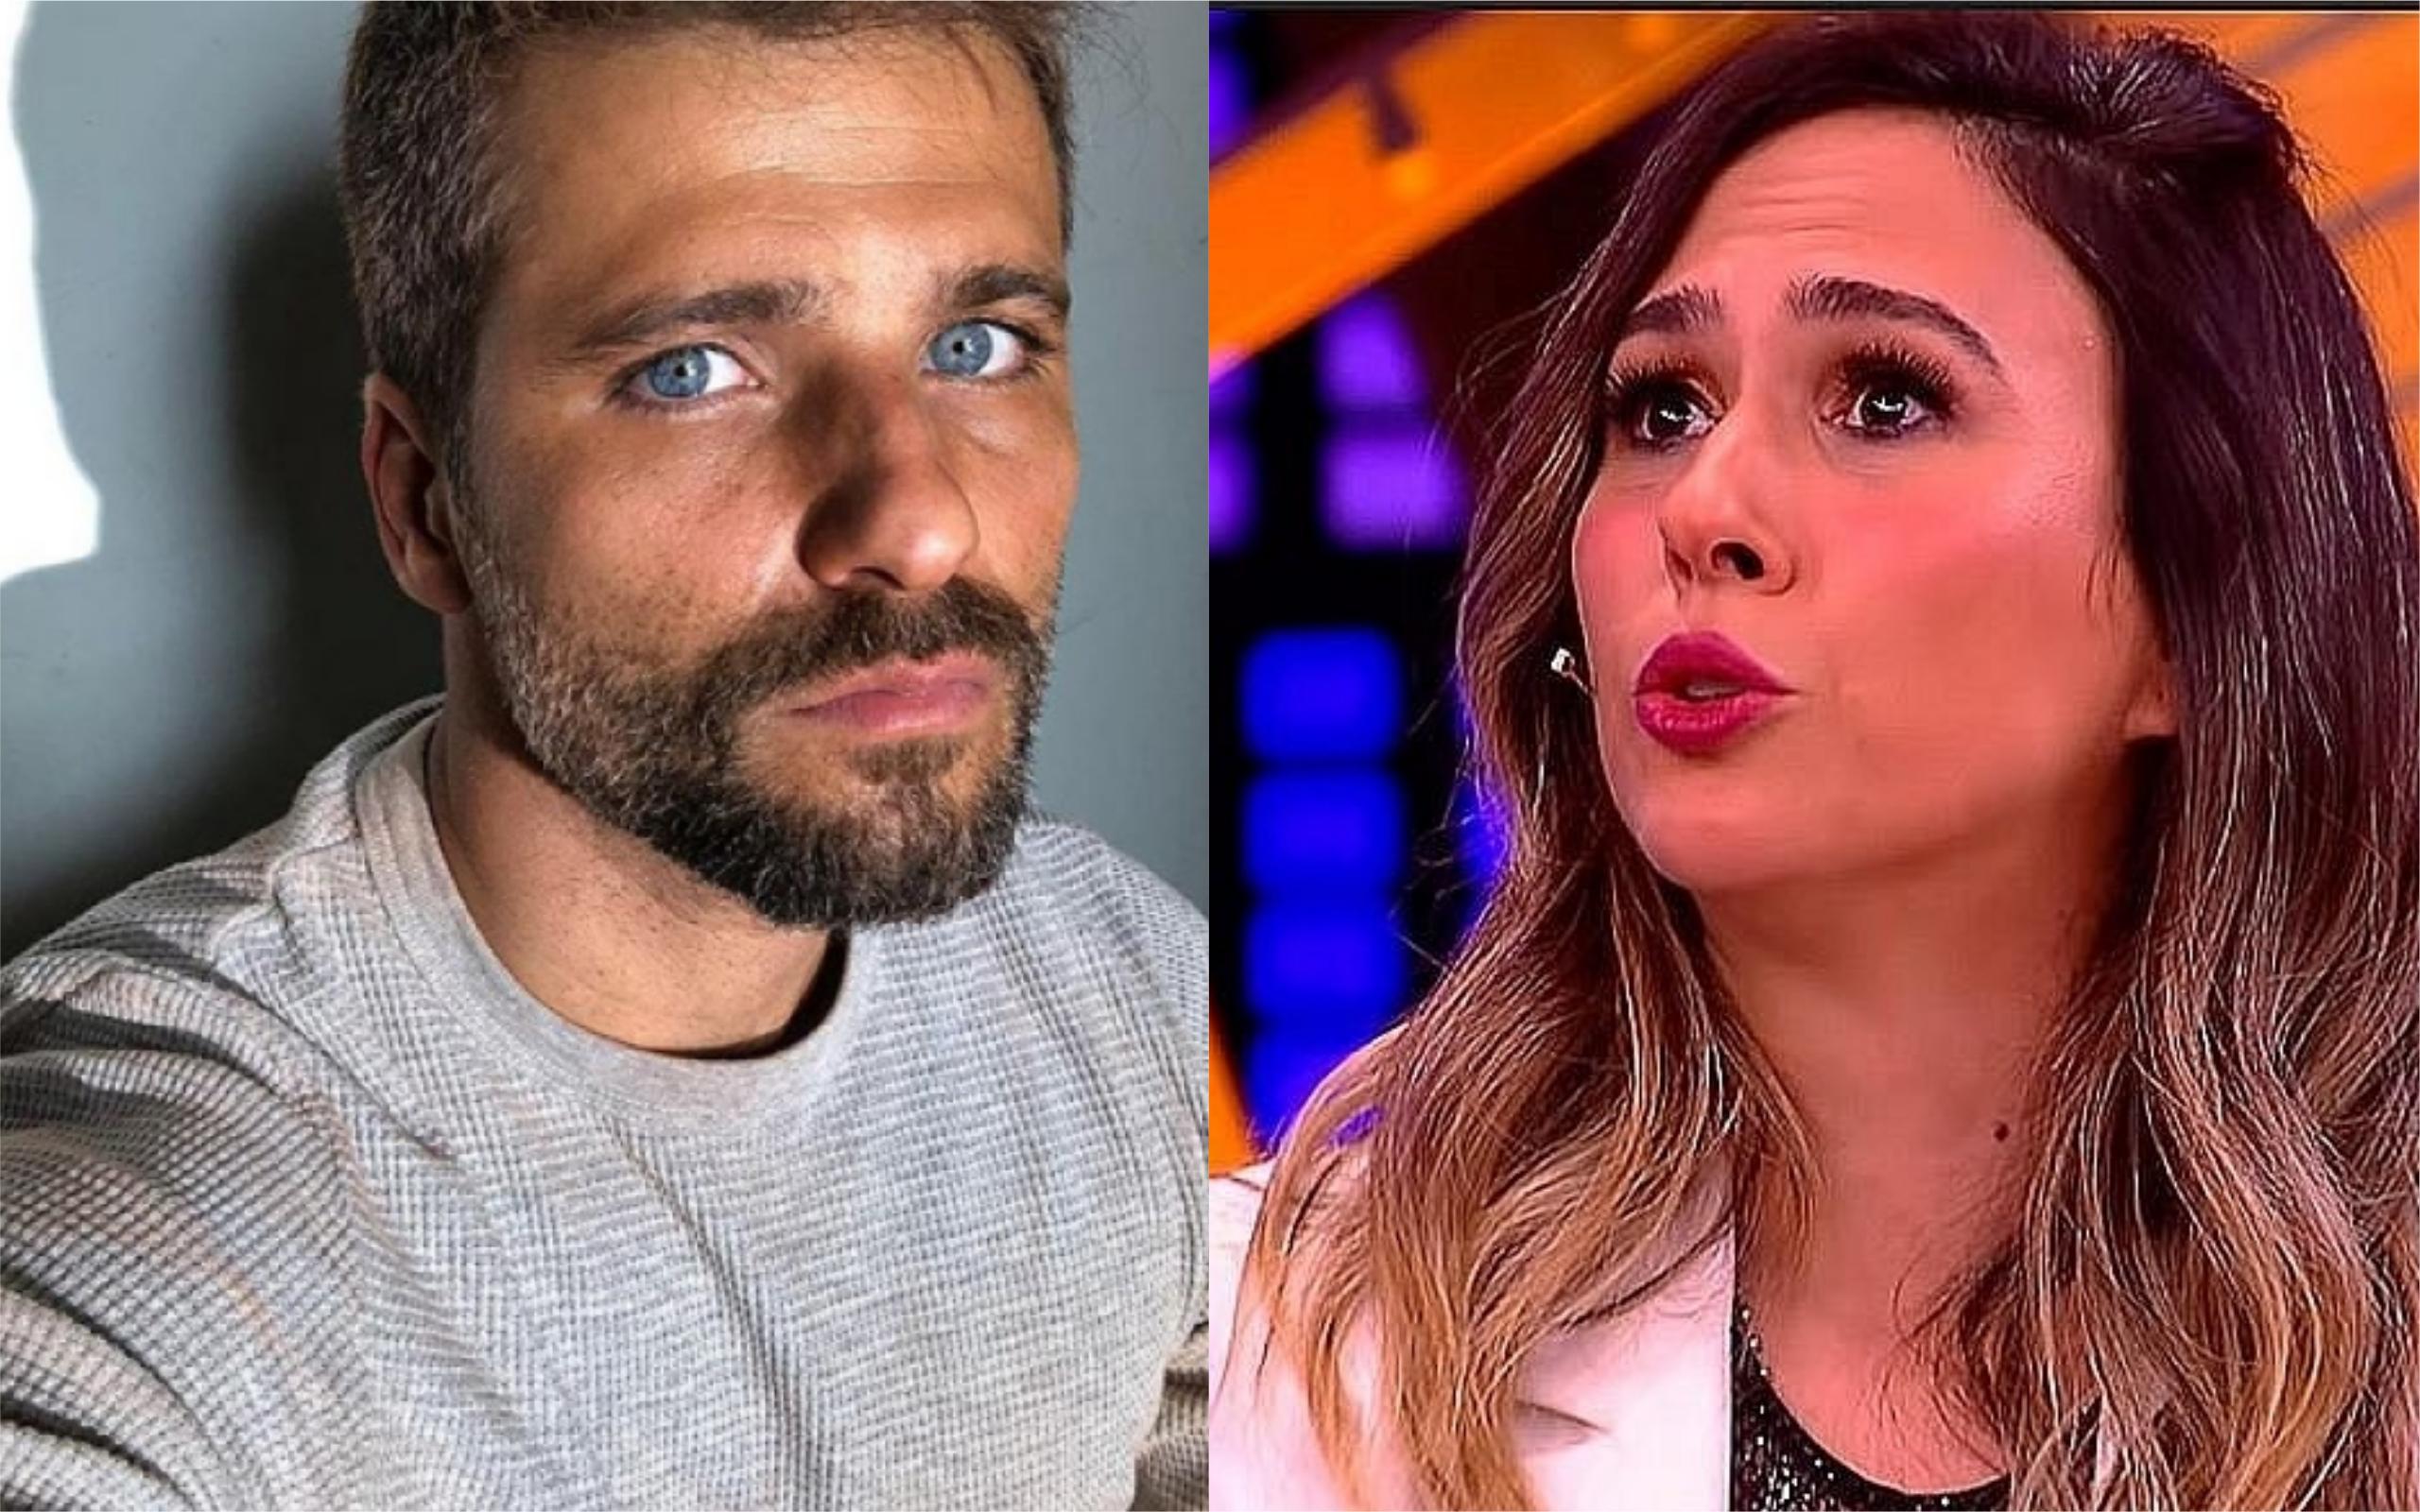 O ator Bruno Gagliasso e a apresentadora Tatá Werneck divertiram a internet com uma revelação bombástica (Foto: Divulgação / TV Foco)